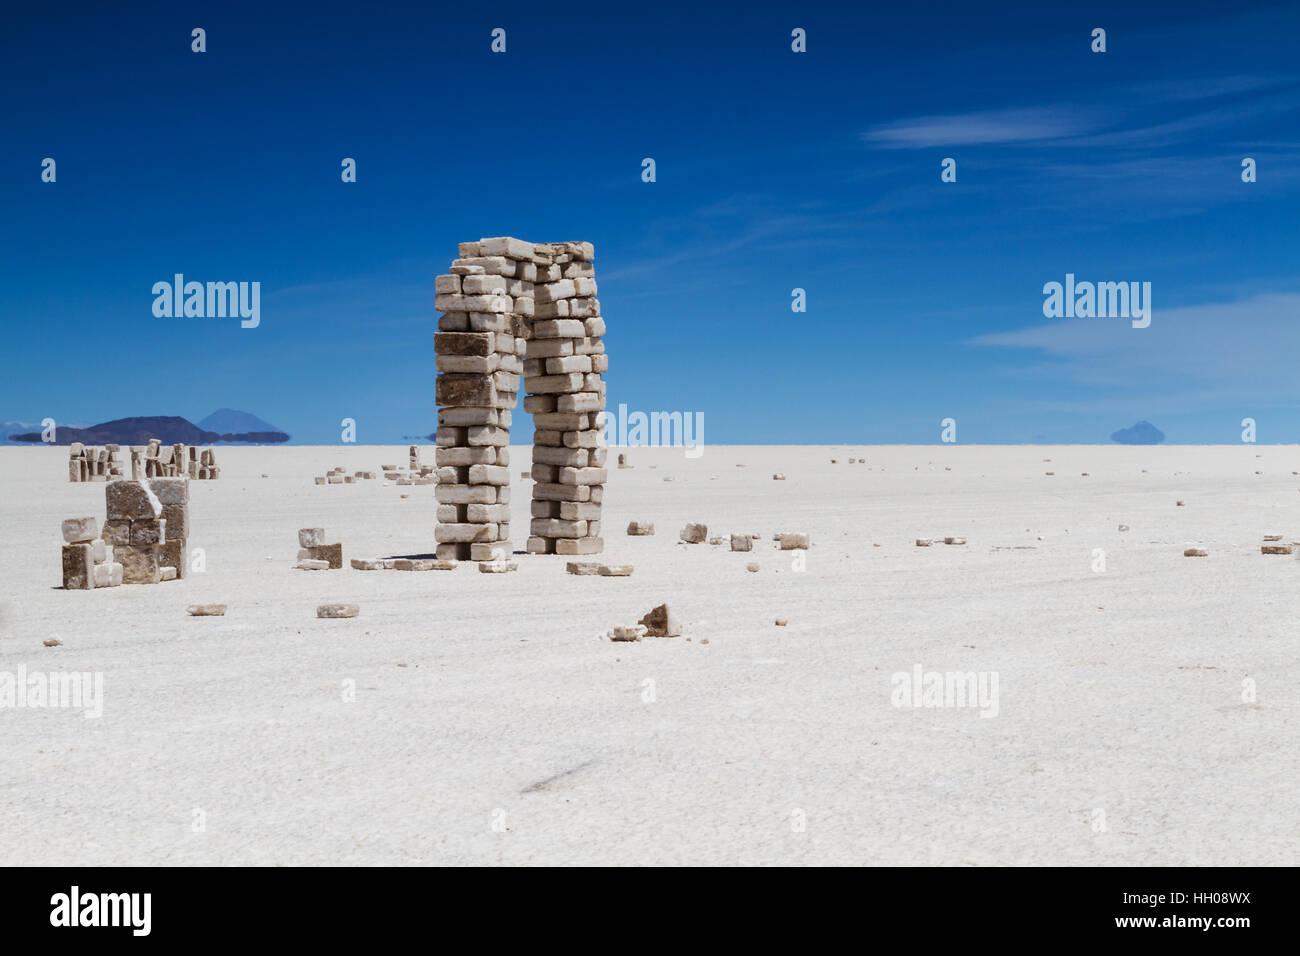 Ladrillos de sal en el Salar de Uyuni, Altiplano, Bolivia Imagen De Stock